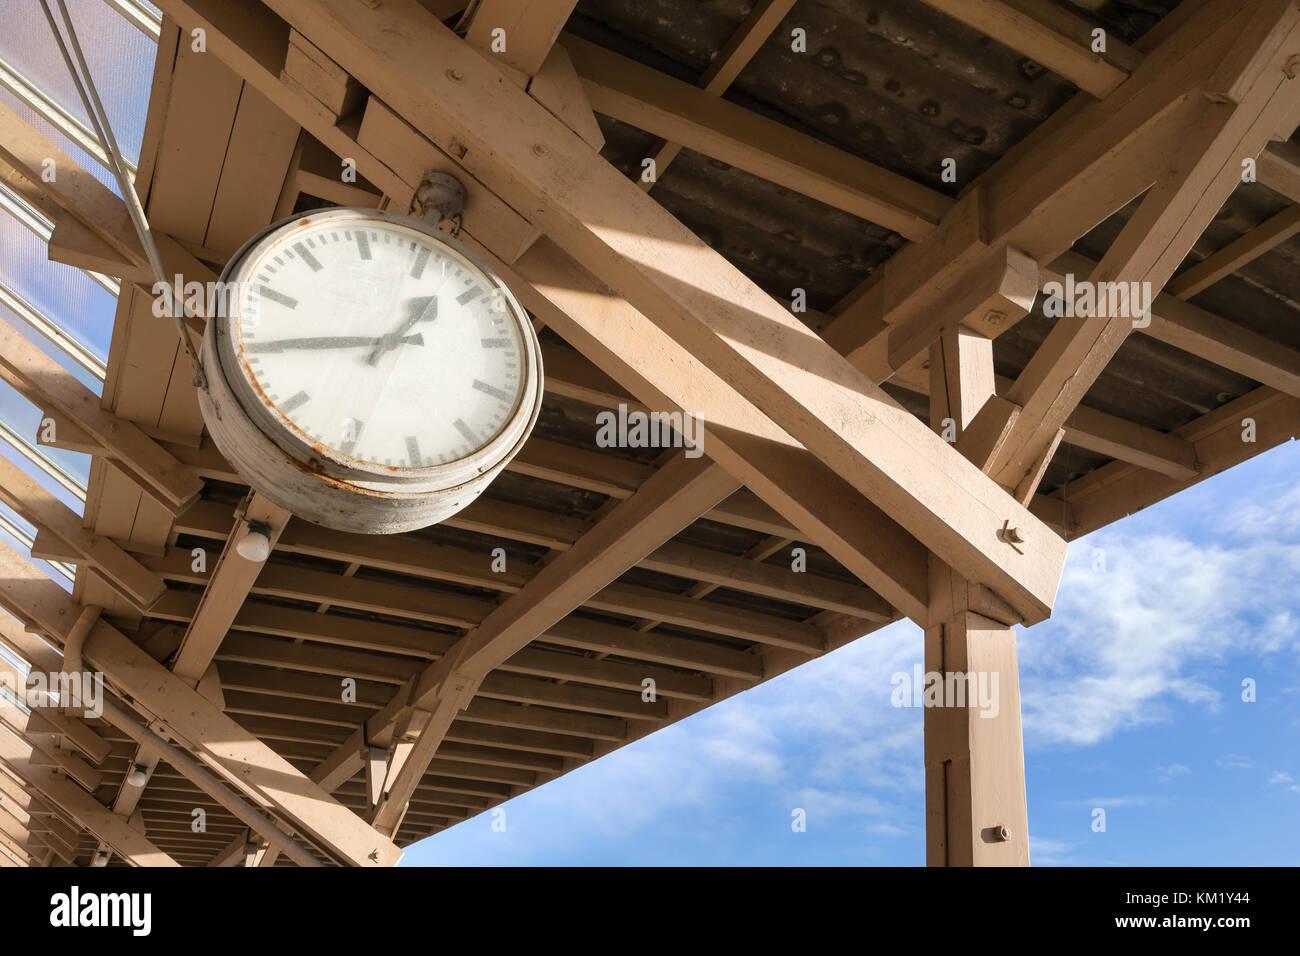 analog clock at historic station Stock Photo